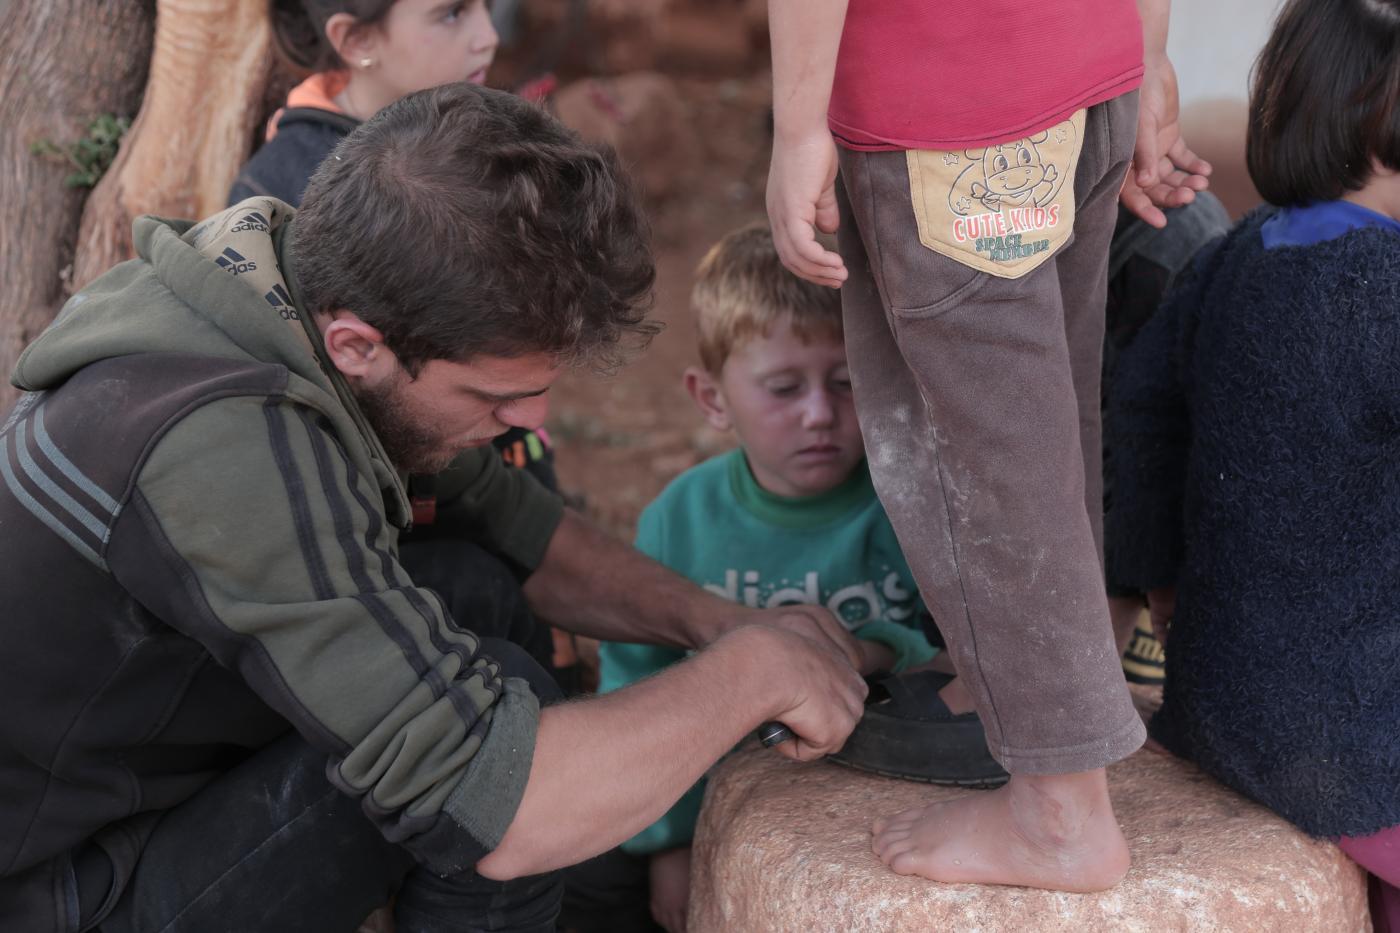 بالصور: رجل سوري يصنع أحذية من الإطارات للأطفال النازحين